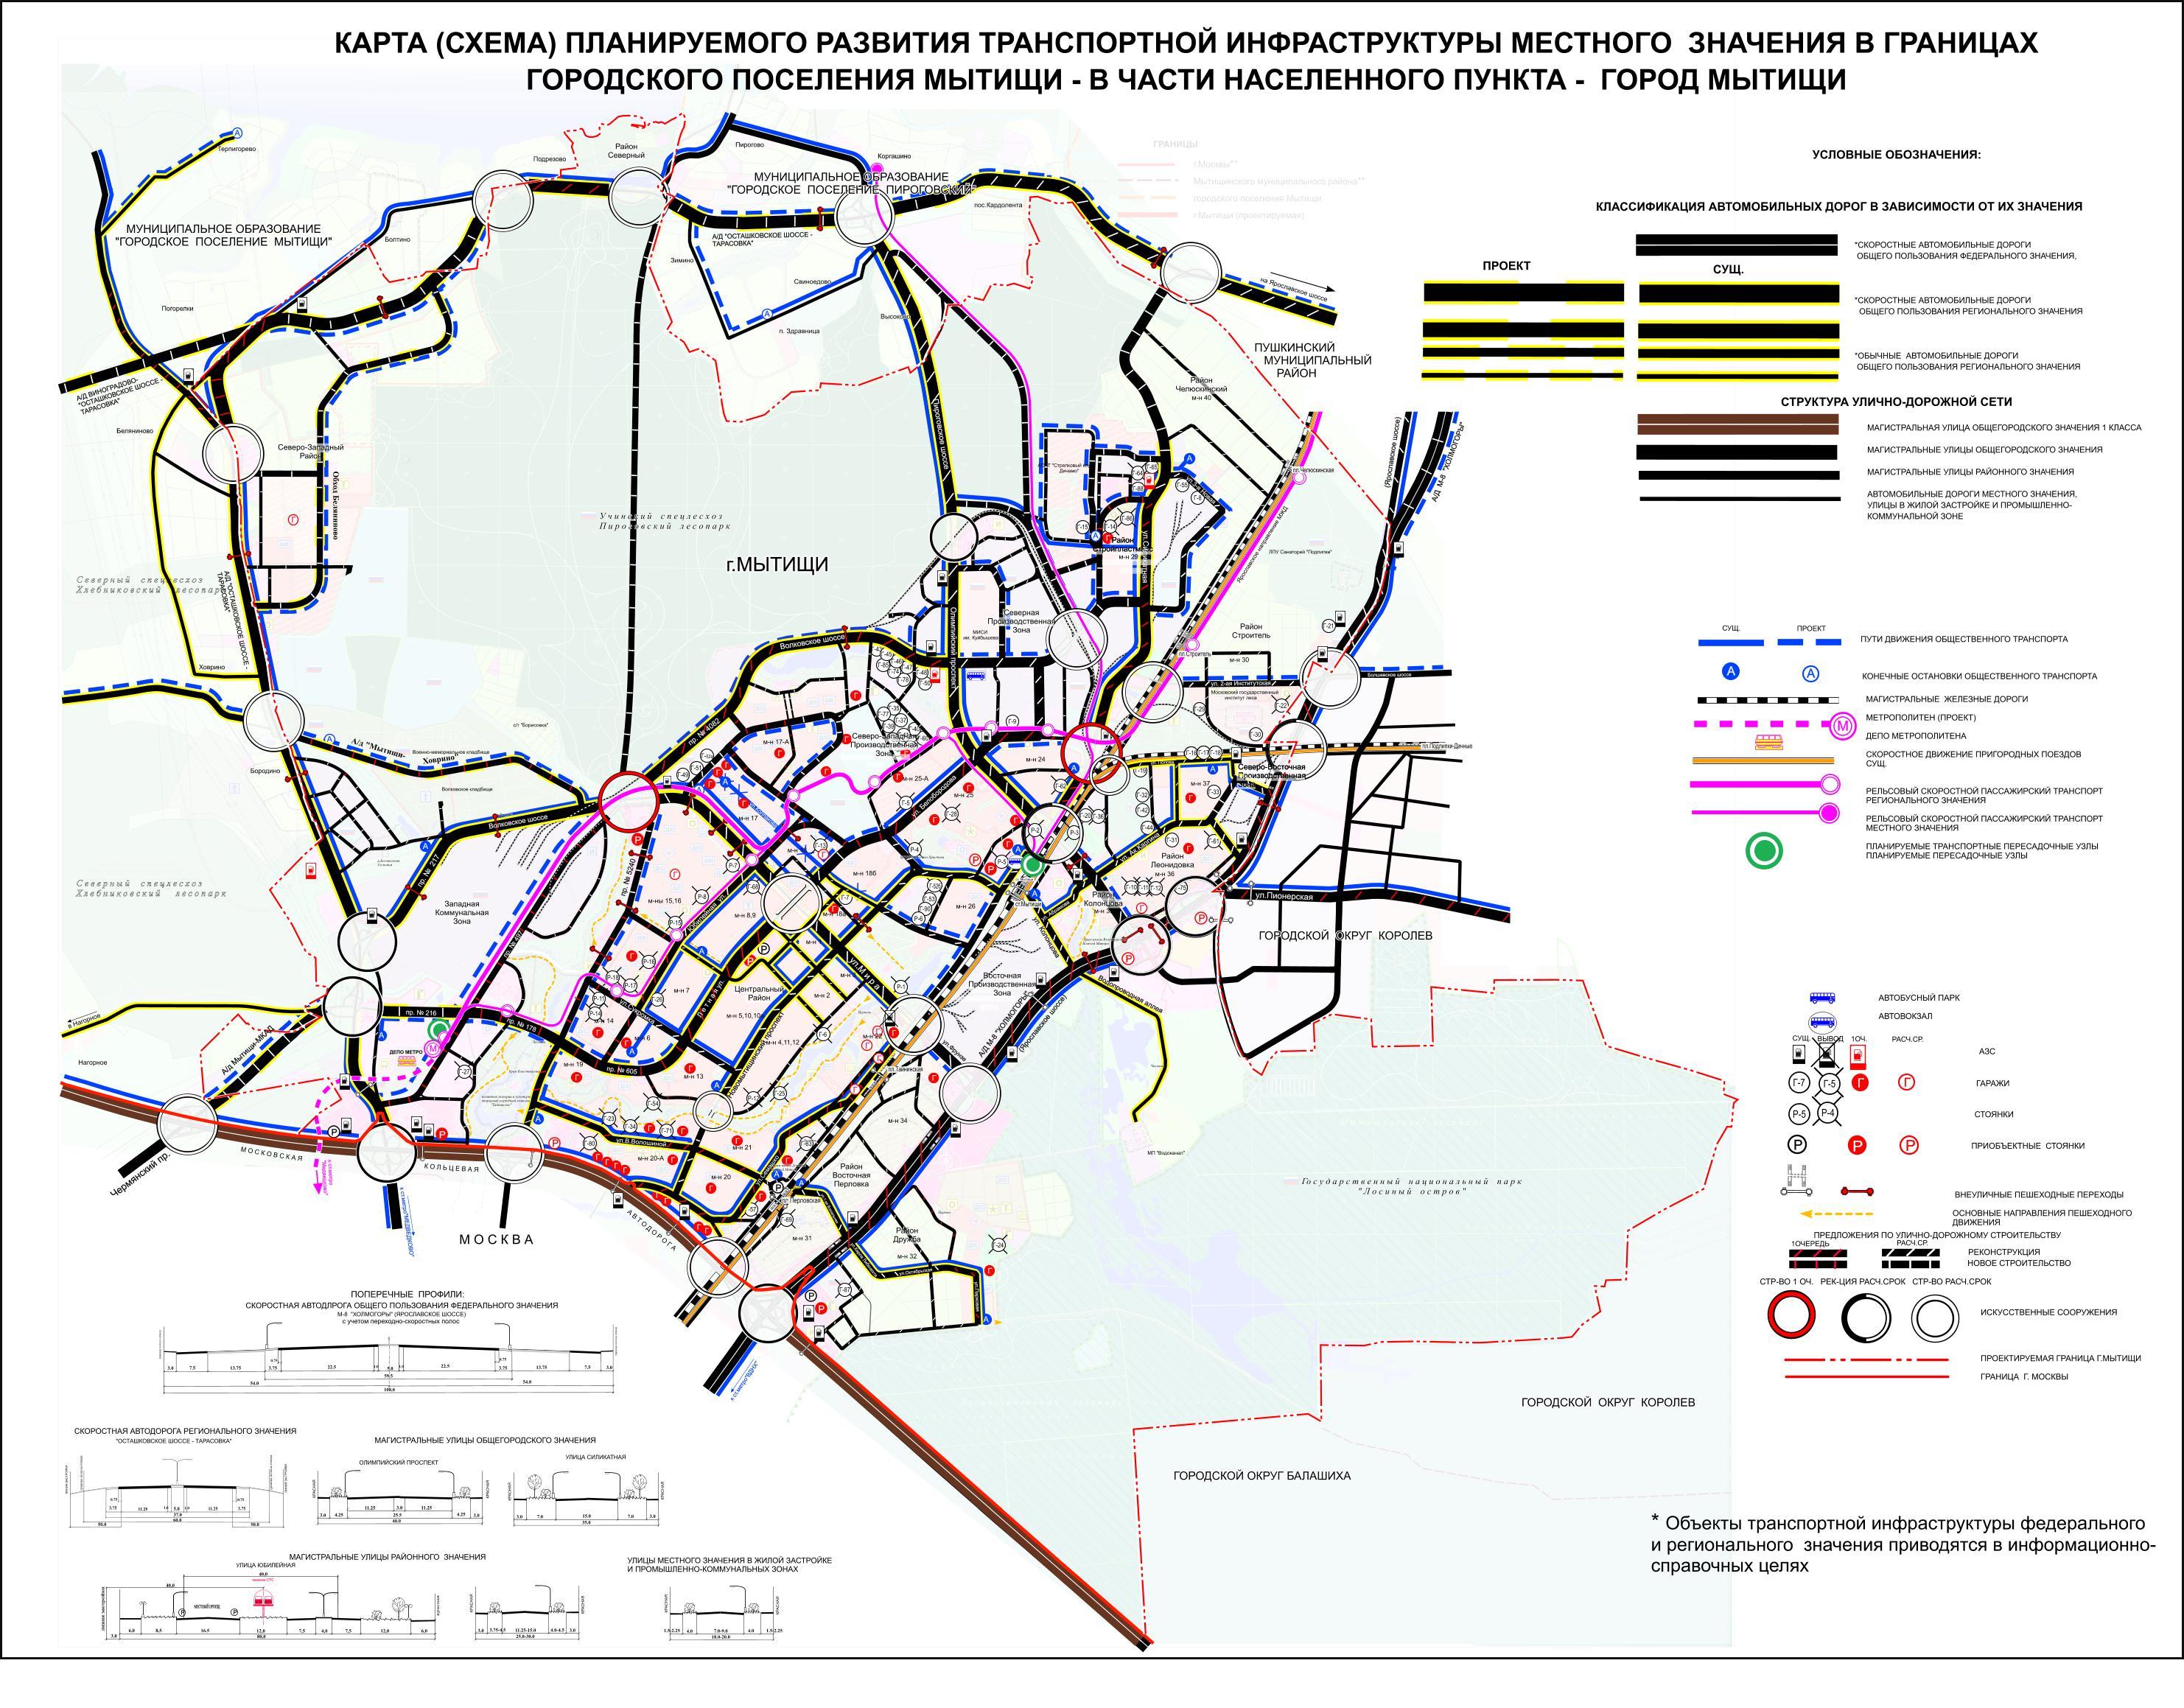 Карты (схемы) ГП Мытищи в части населенного пункта г. Мытищи.